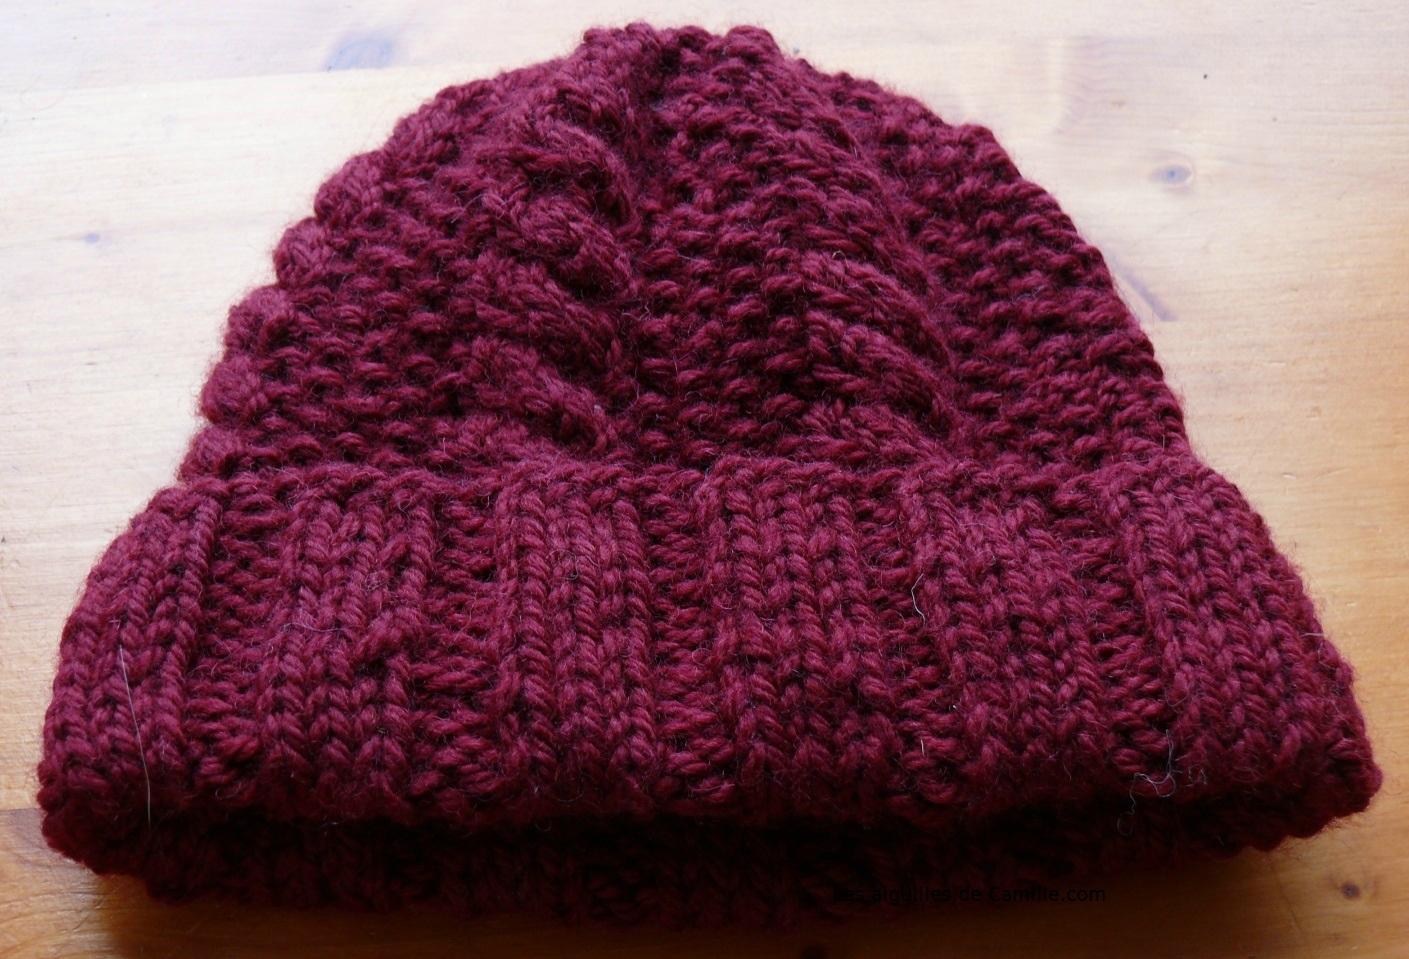 Tricoter un bonnet gratuit femme - Idées de tricot gratuit 9488424ffc0